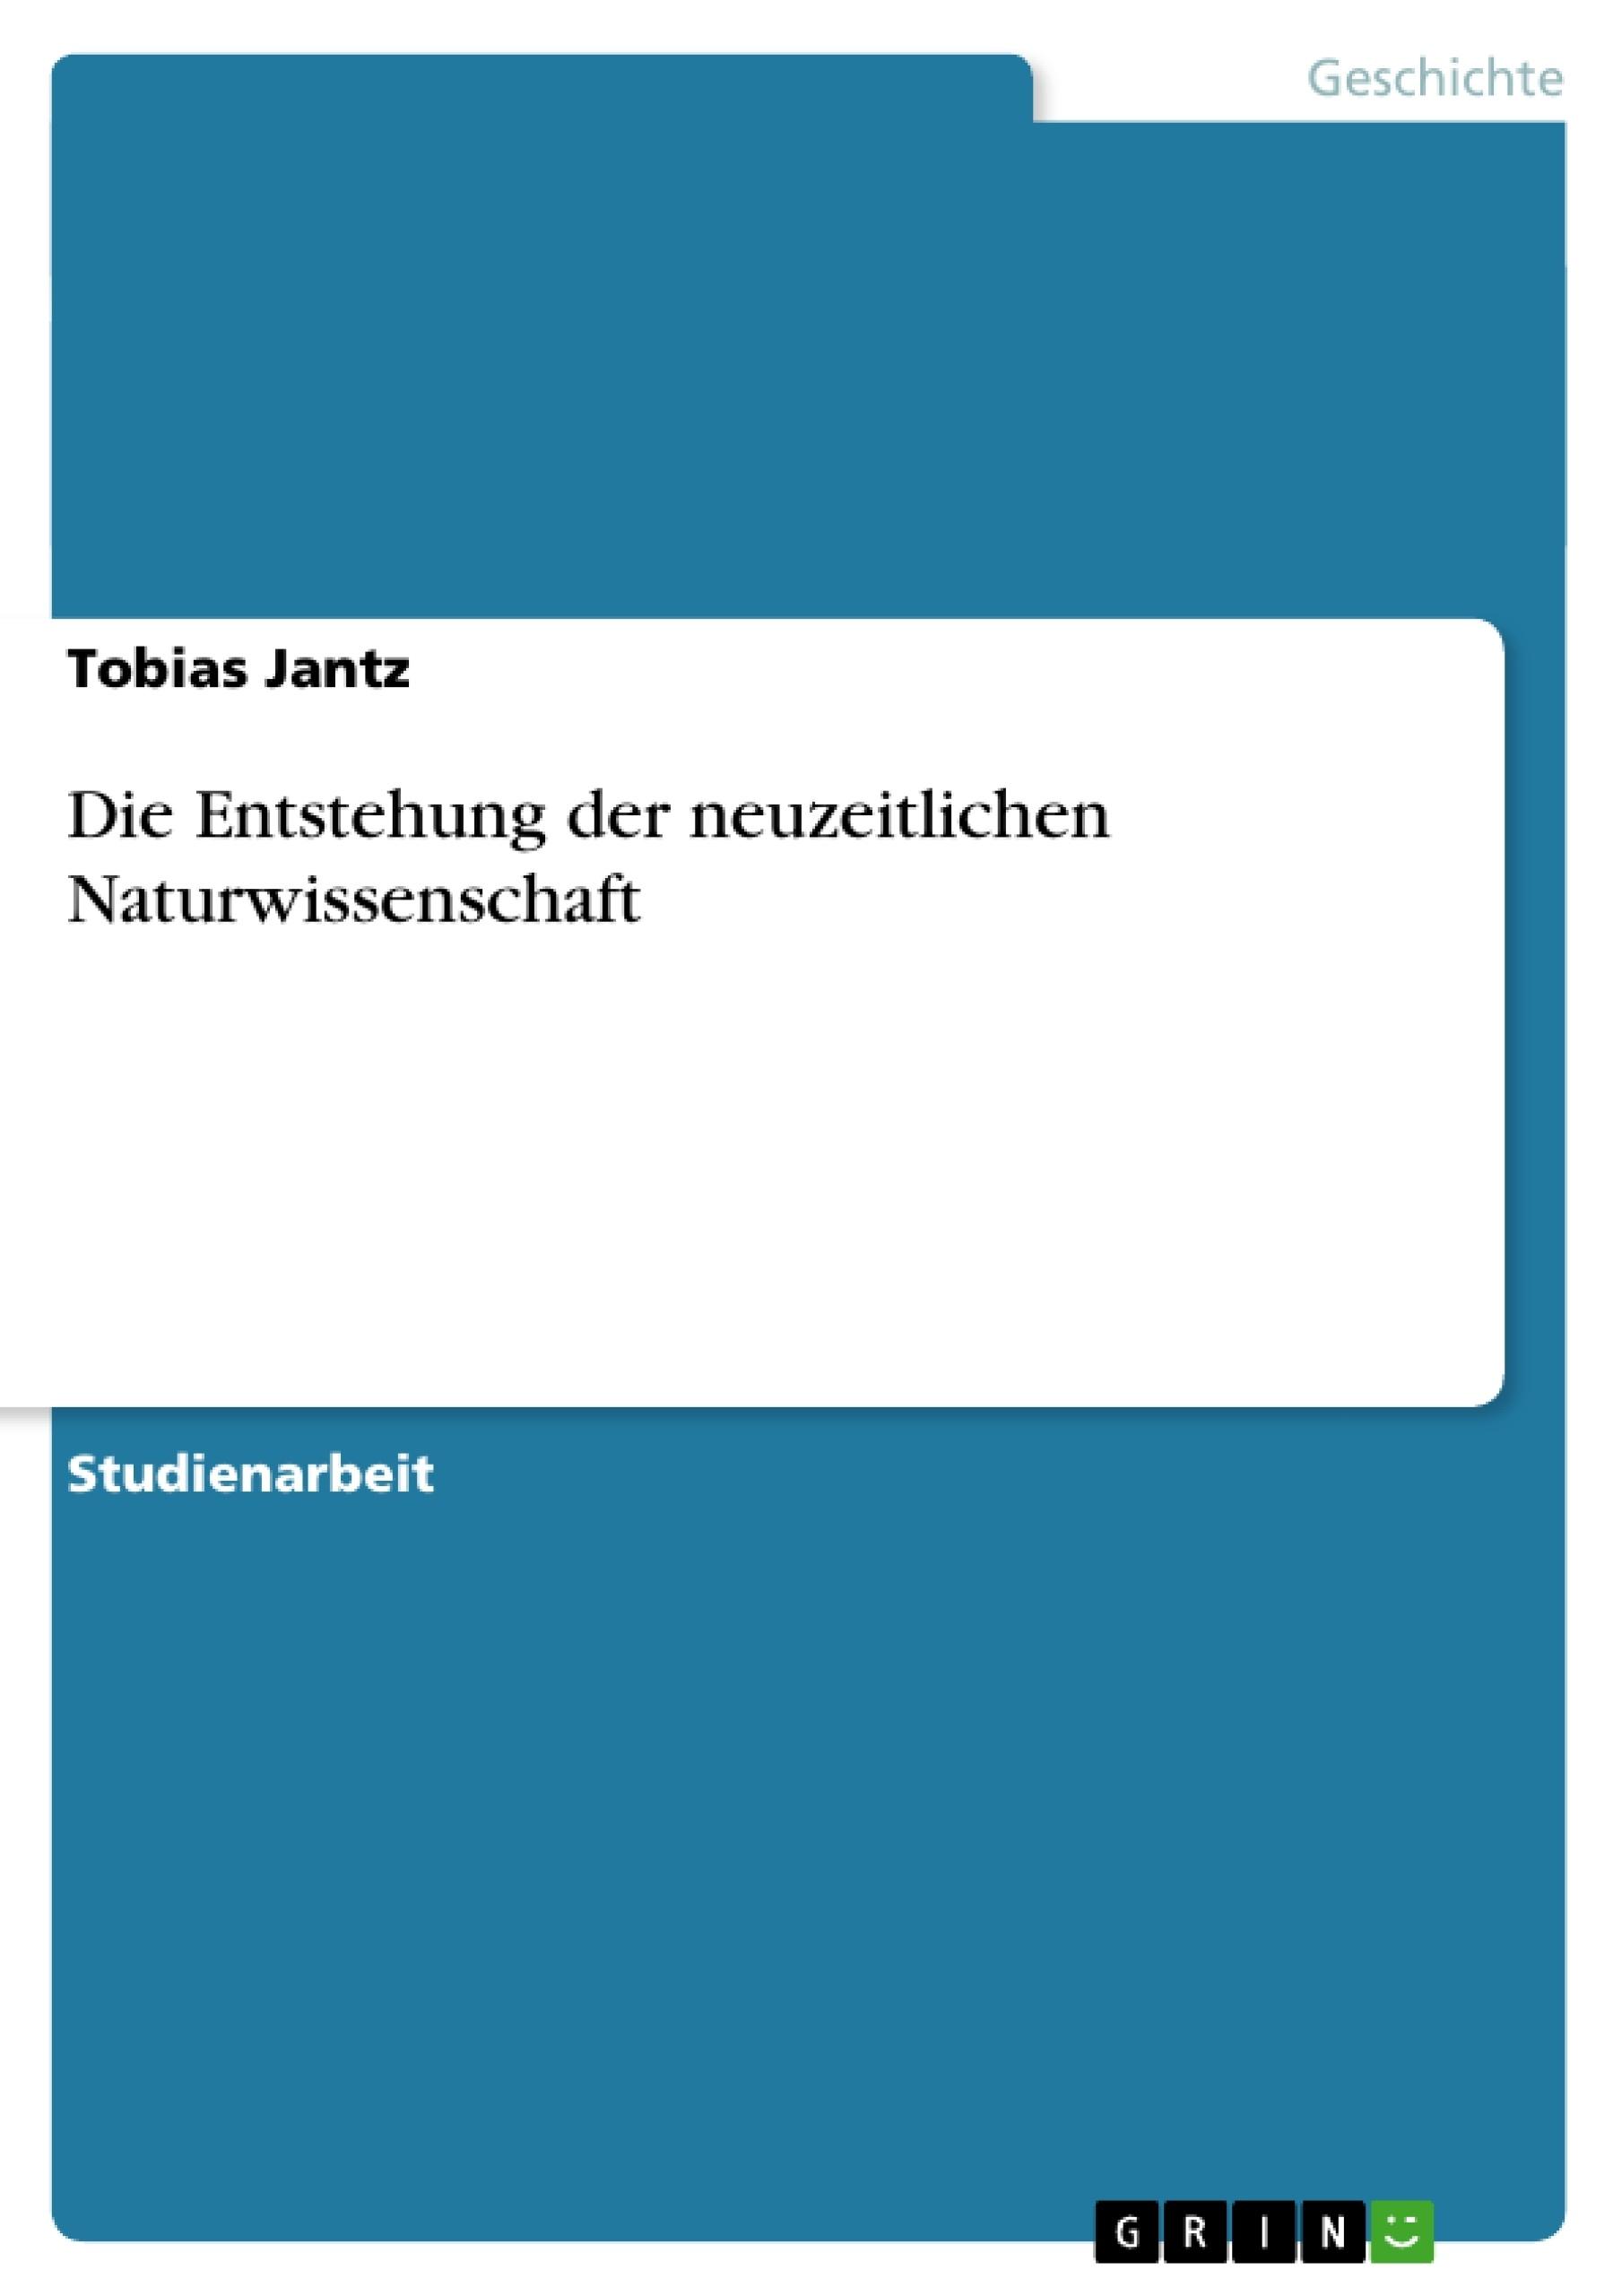 Titel: Die Entstehung der neuzeitlichen Naturwissenschaft